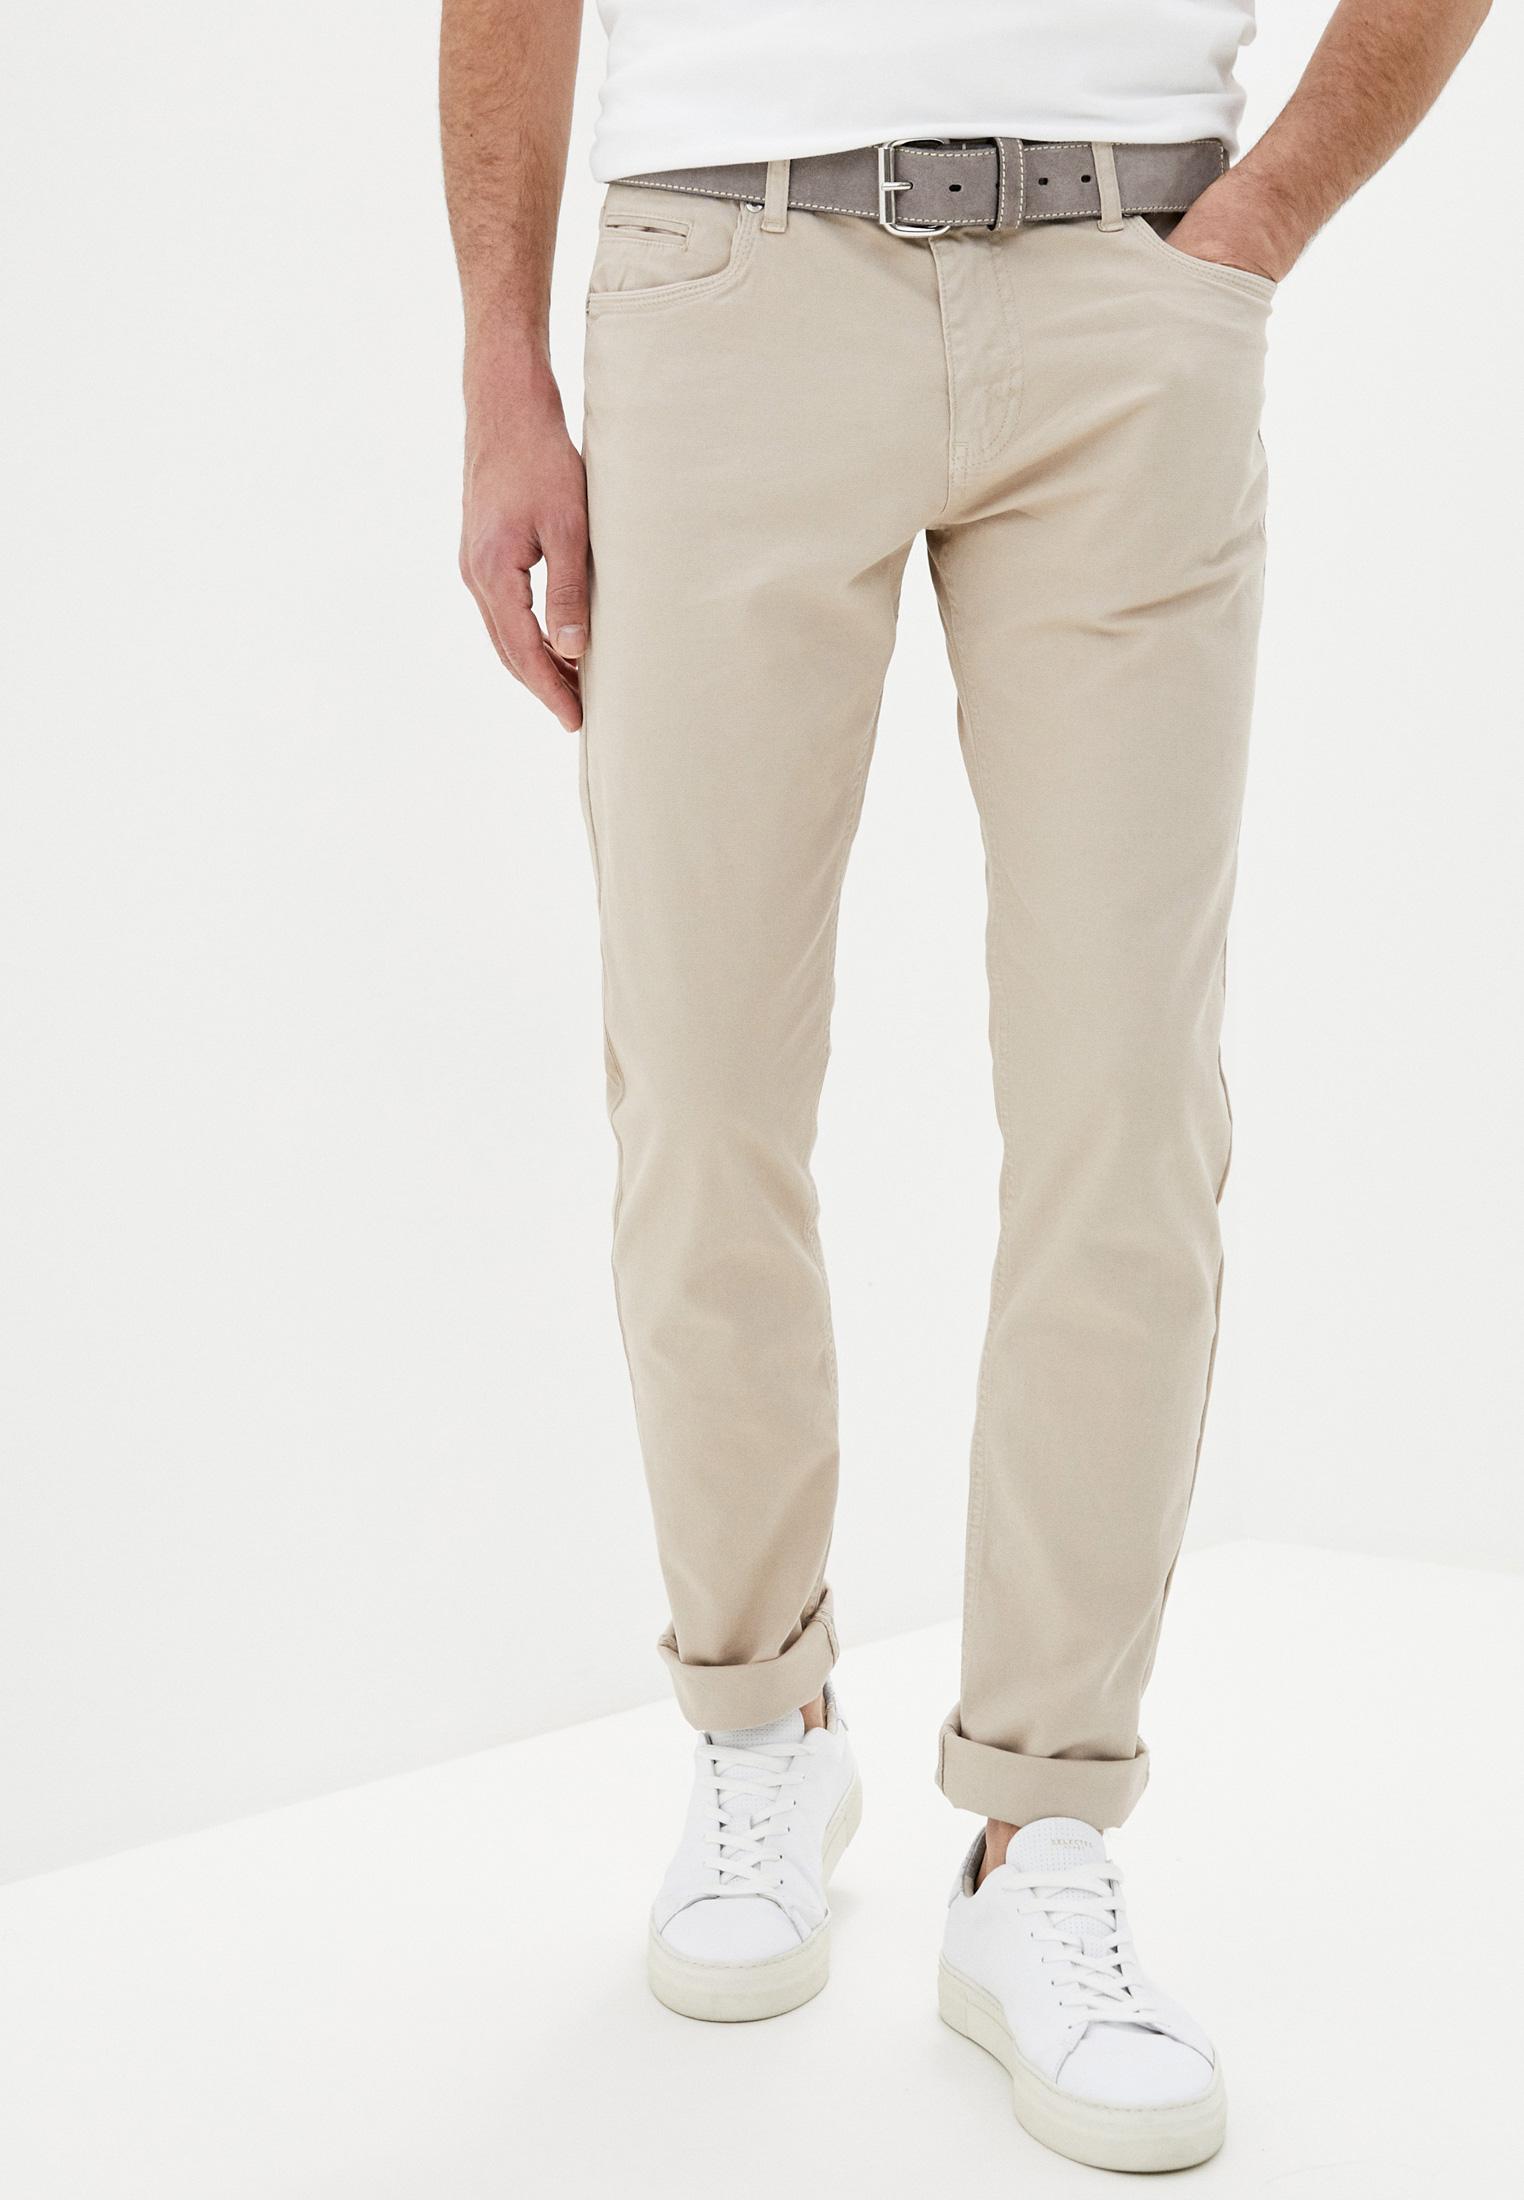 Мужские повседневные брюки JIMMY SANDERS (Джимми Сандерс) 19W PM11002 BEIGE